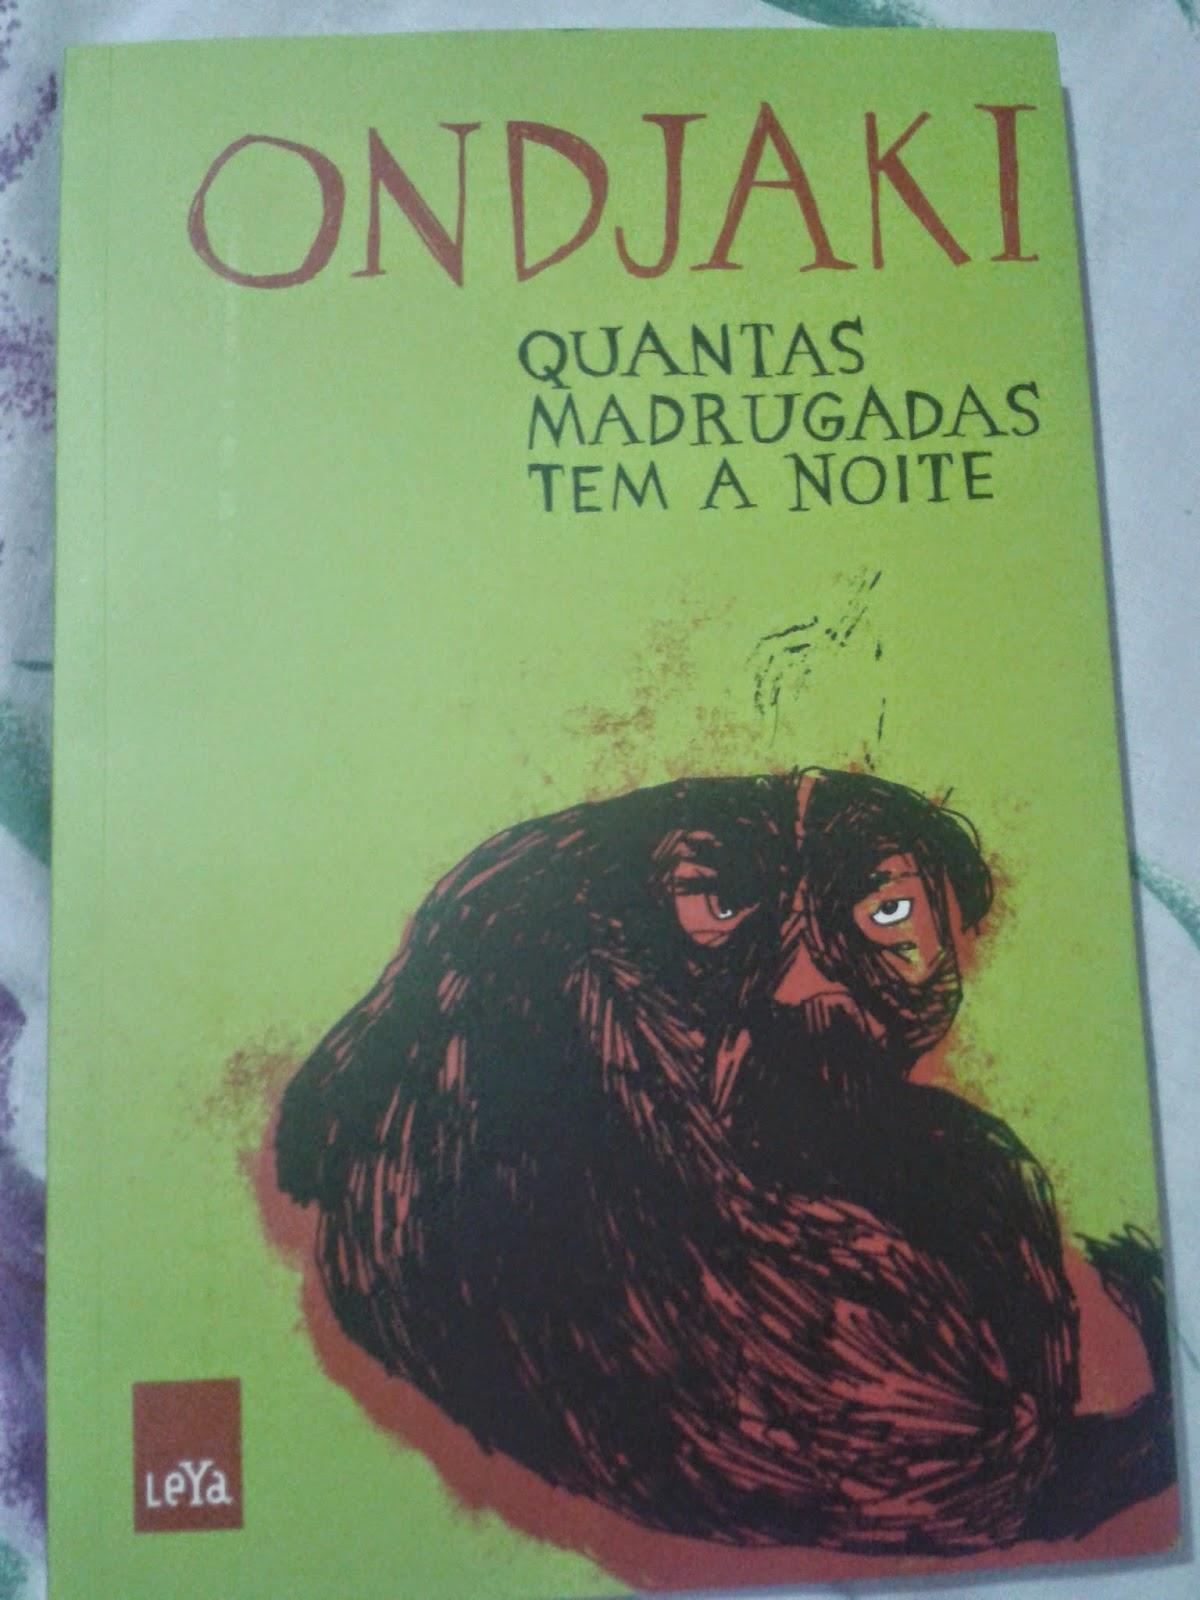 Ondjaki - Quantas Madrugadas Tem a Noite